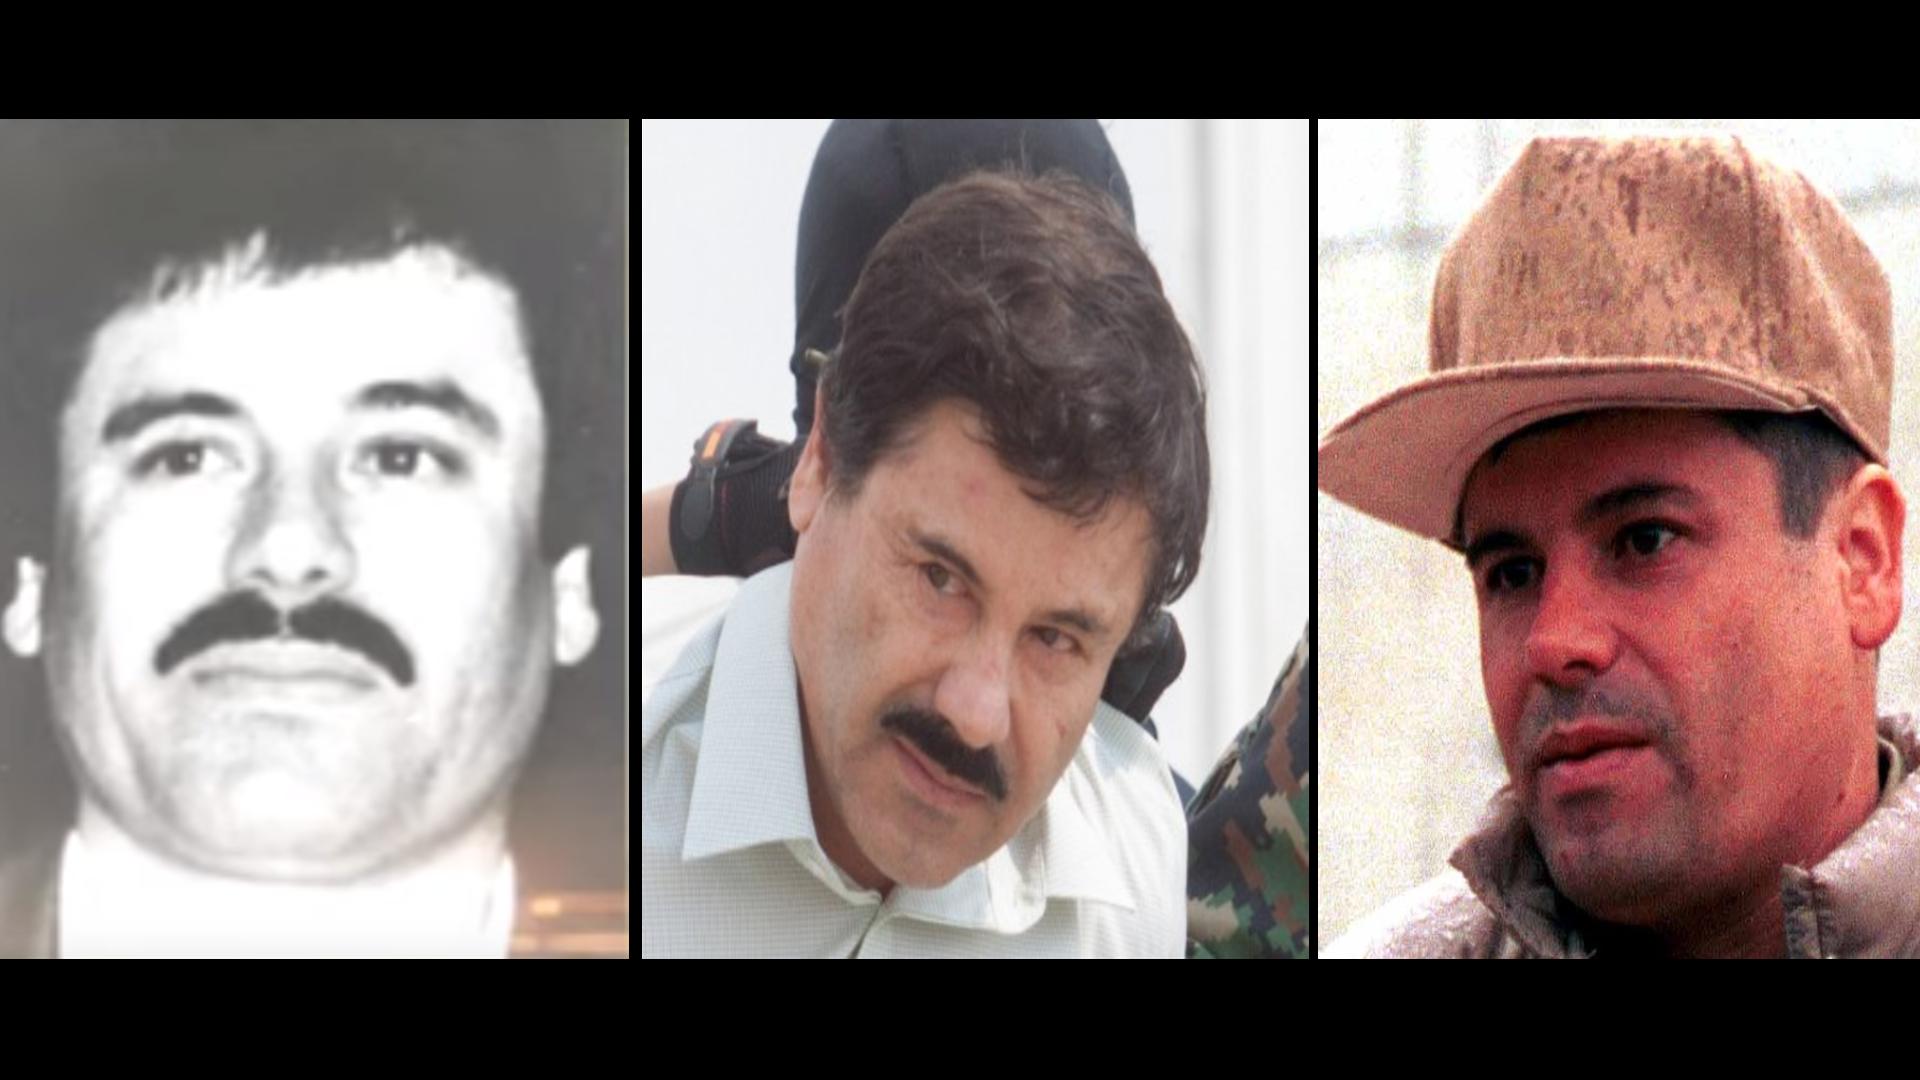 El Chapo Guzmán se sometió a diversas cirugías por vanidad (Foto: Especial)